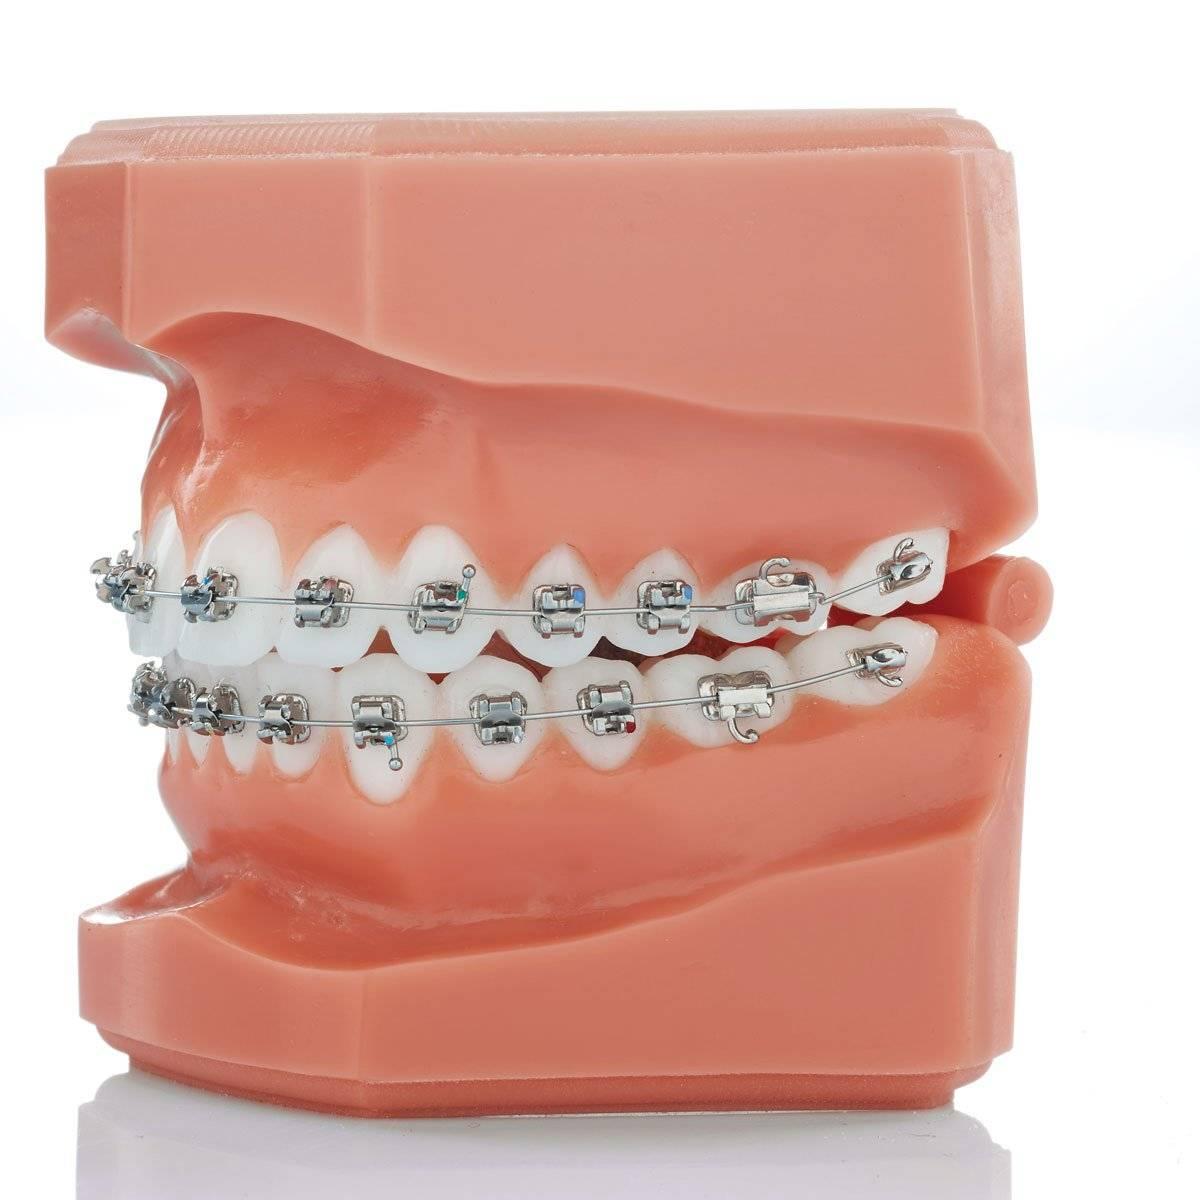 Брекеты mini master — маленькие зубные конструкции высокого качества